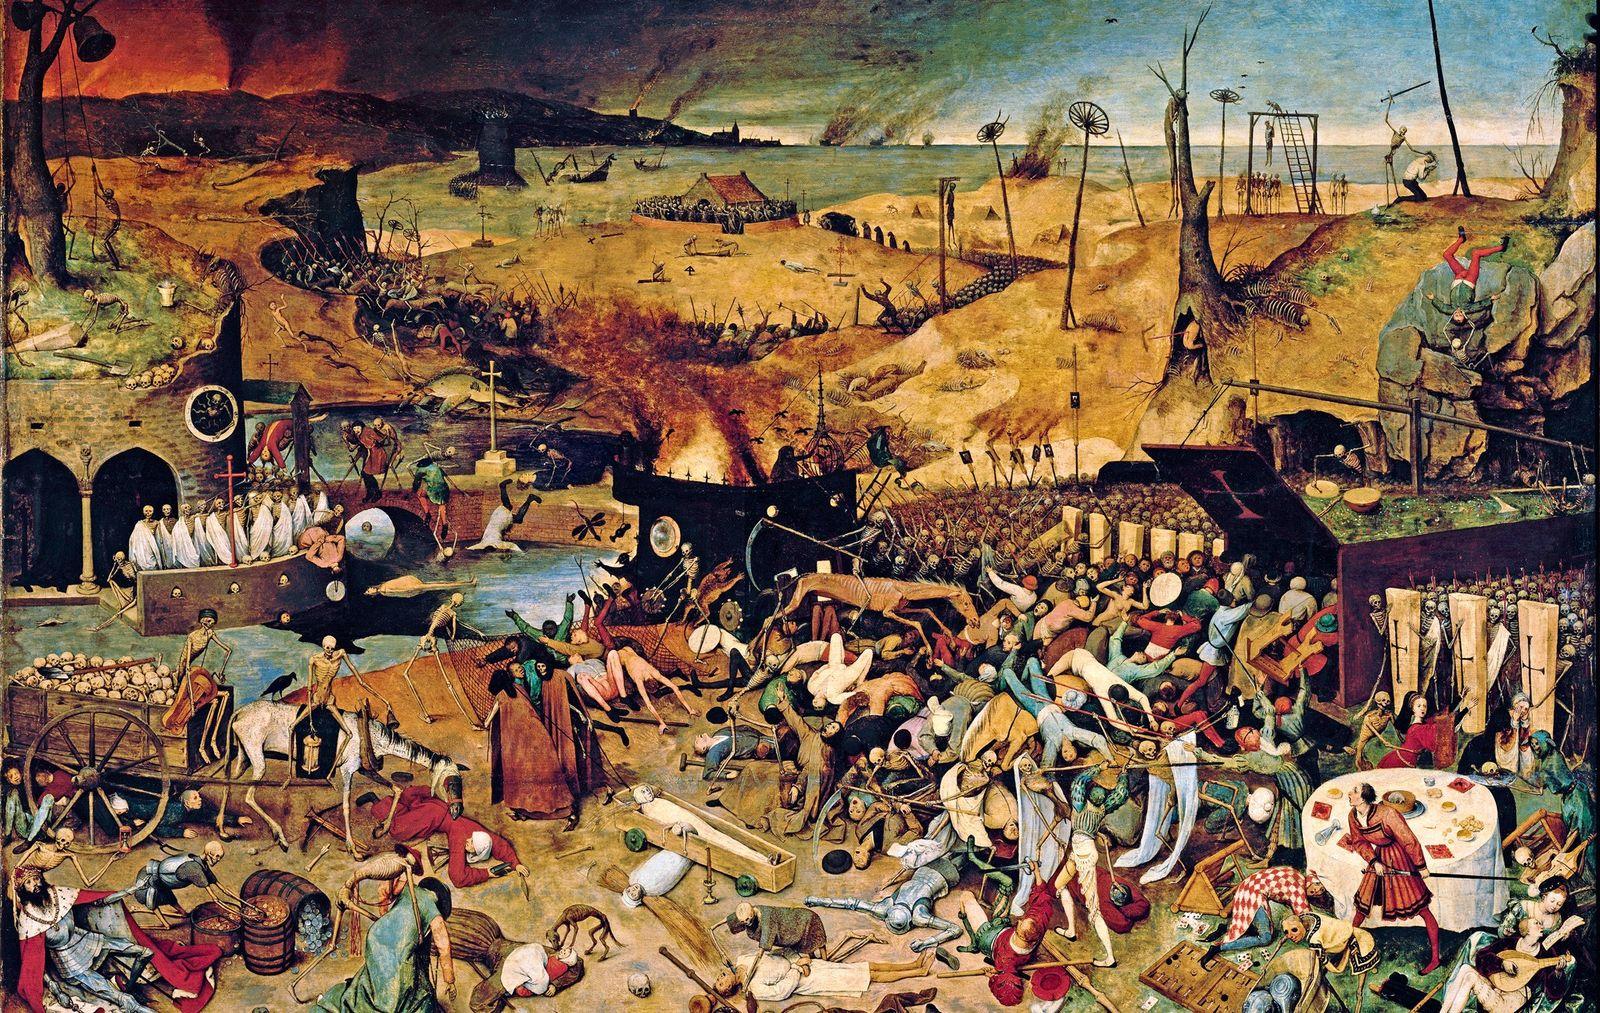 Rapide et fatale : comment la Peste Noire a dévasté l'Europe au 14e siècle